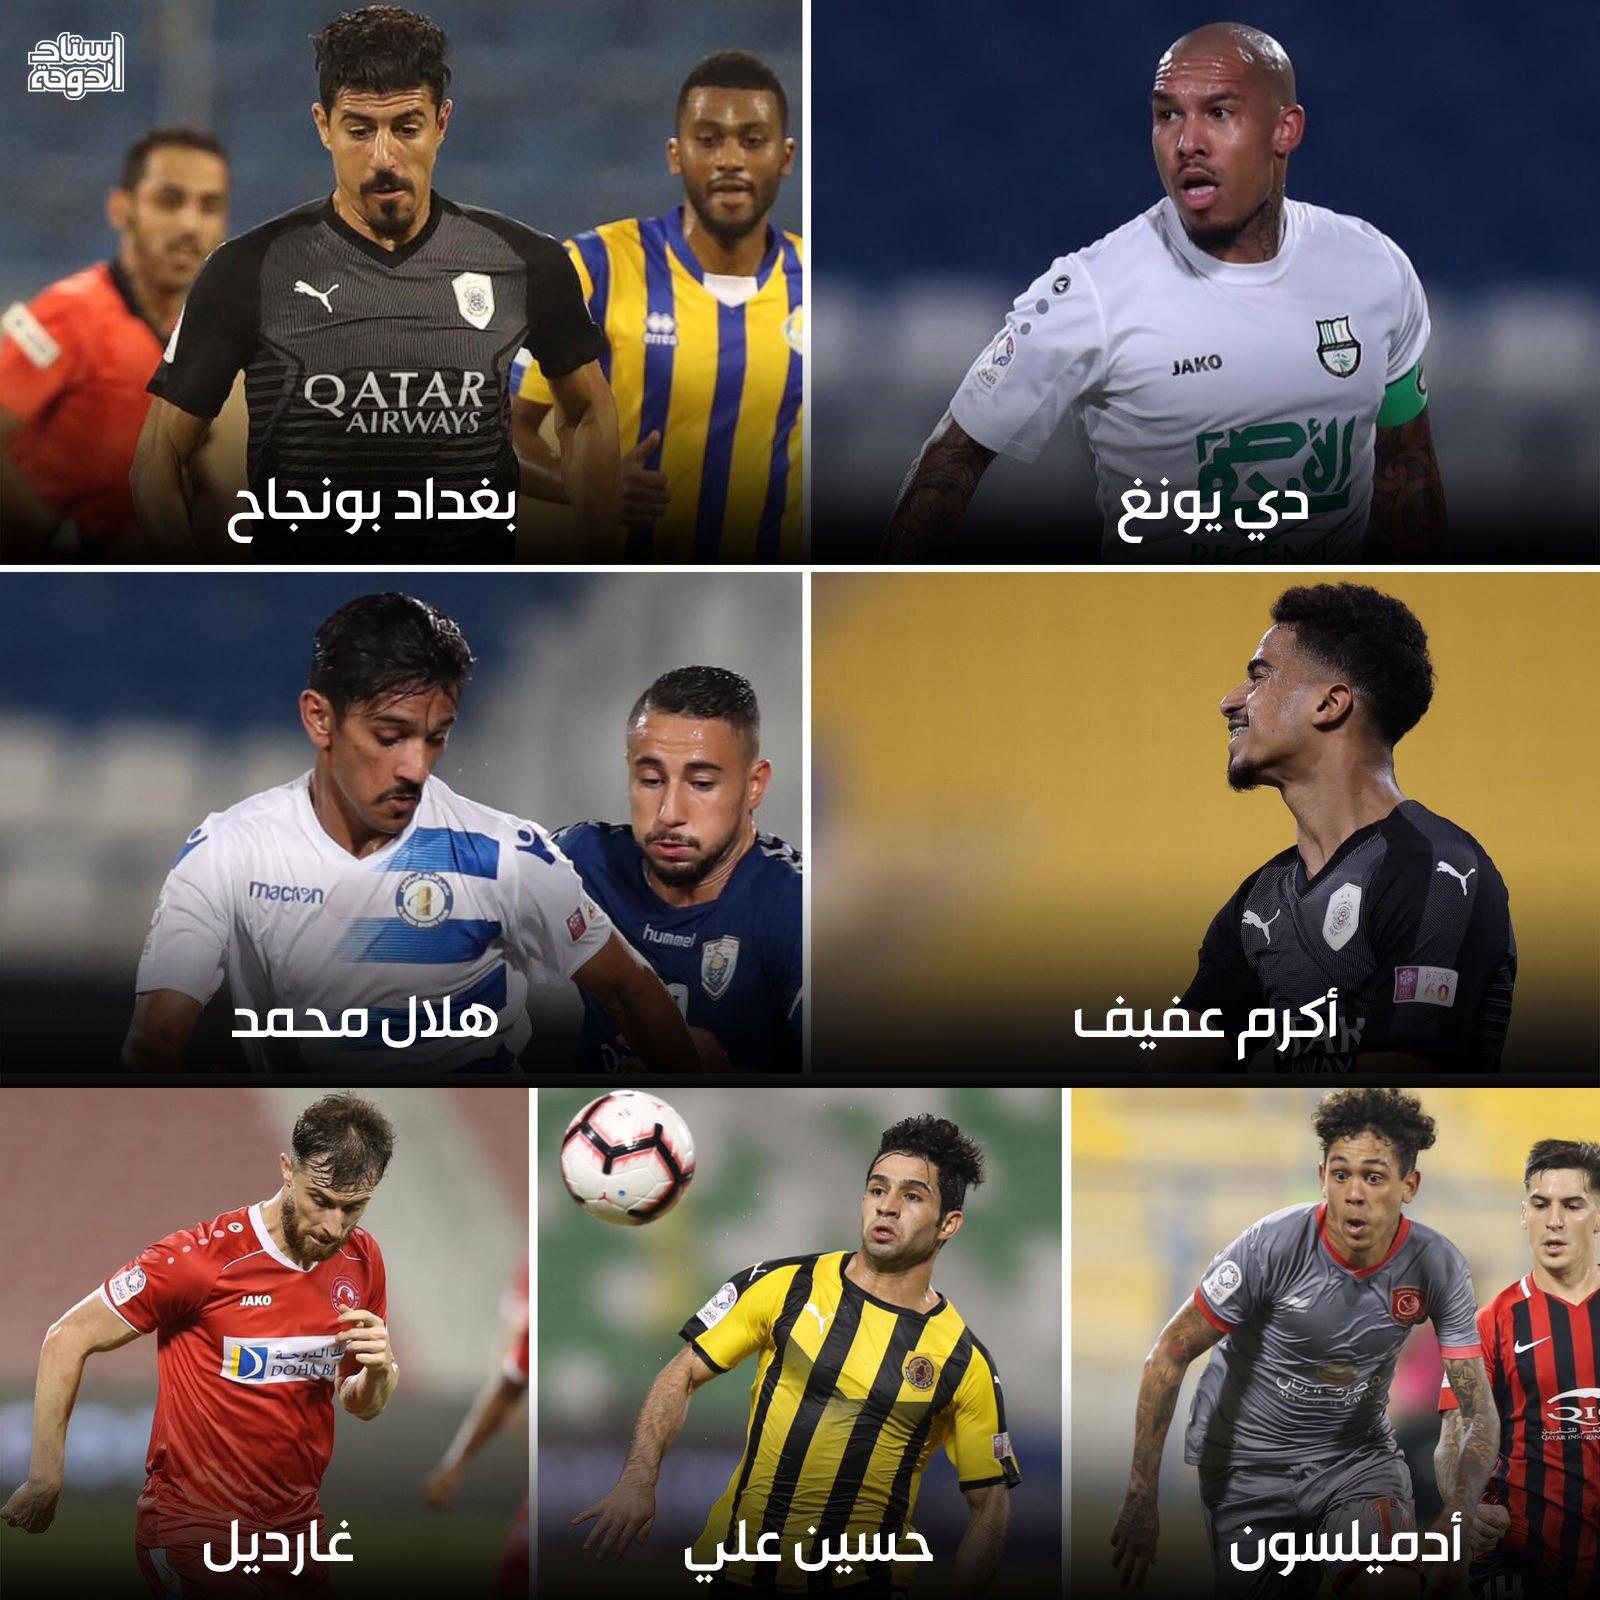 نامزدهای کسب عنوان بهترین بازیکن لیگ قطر